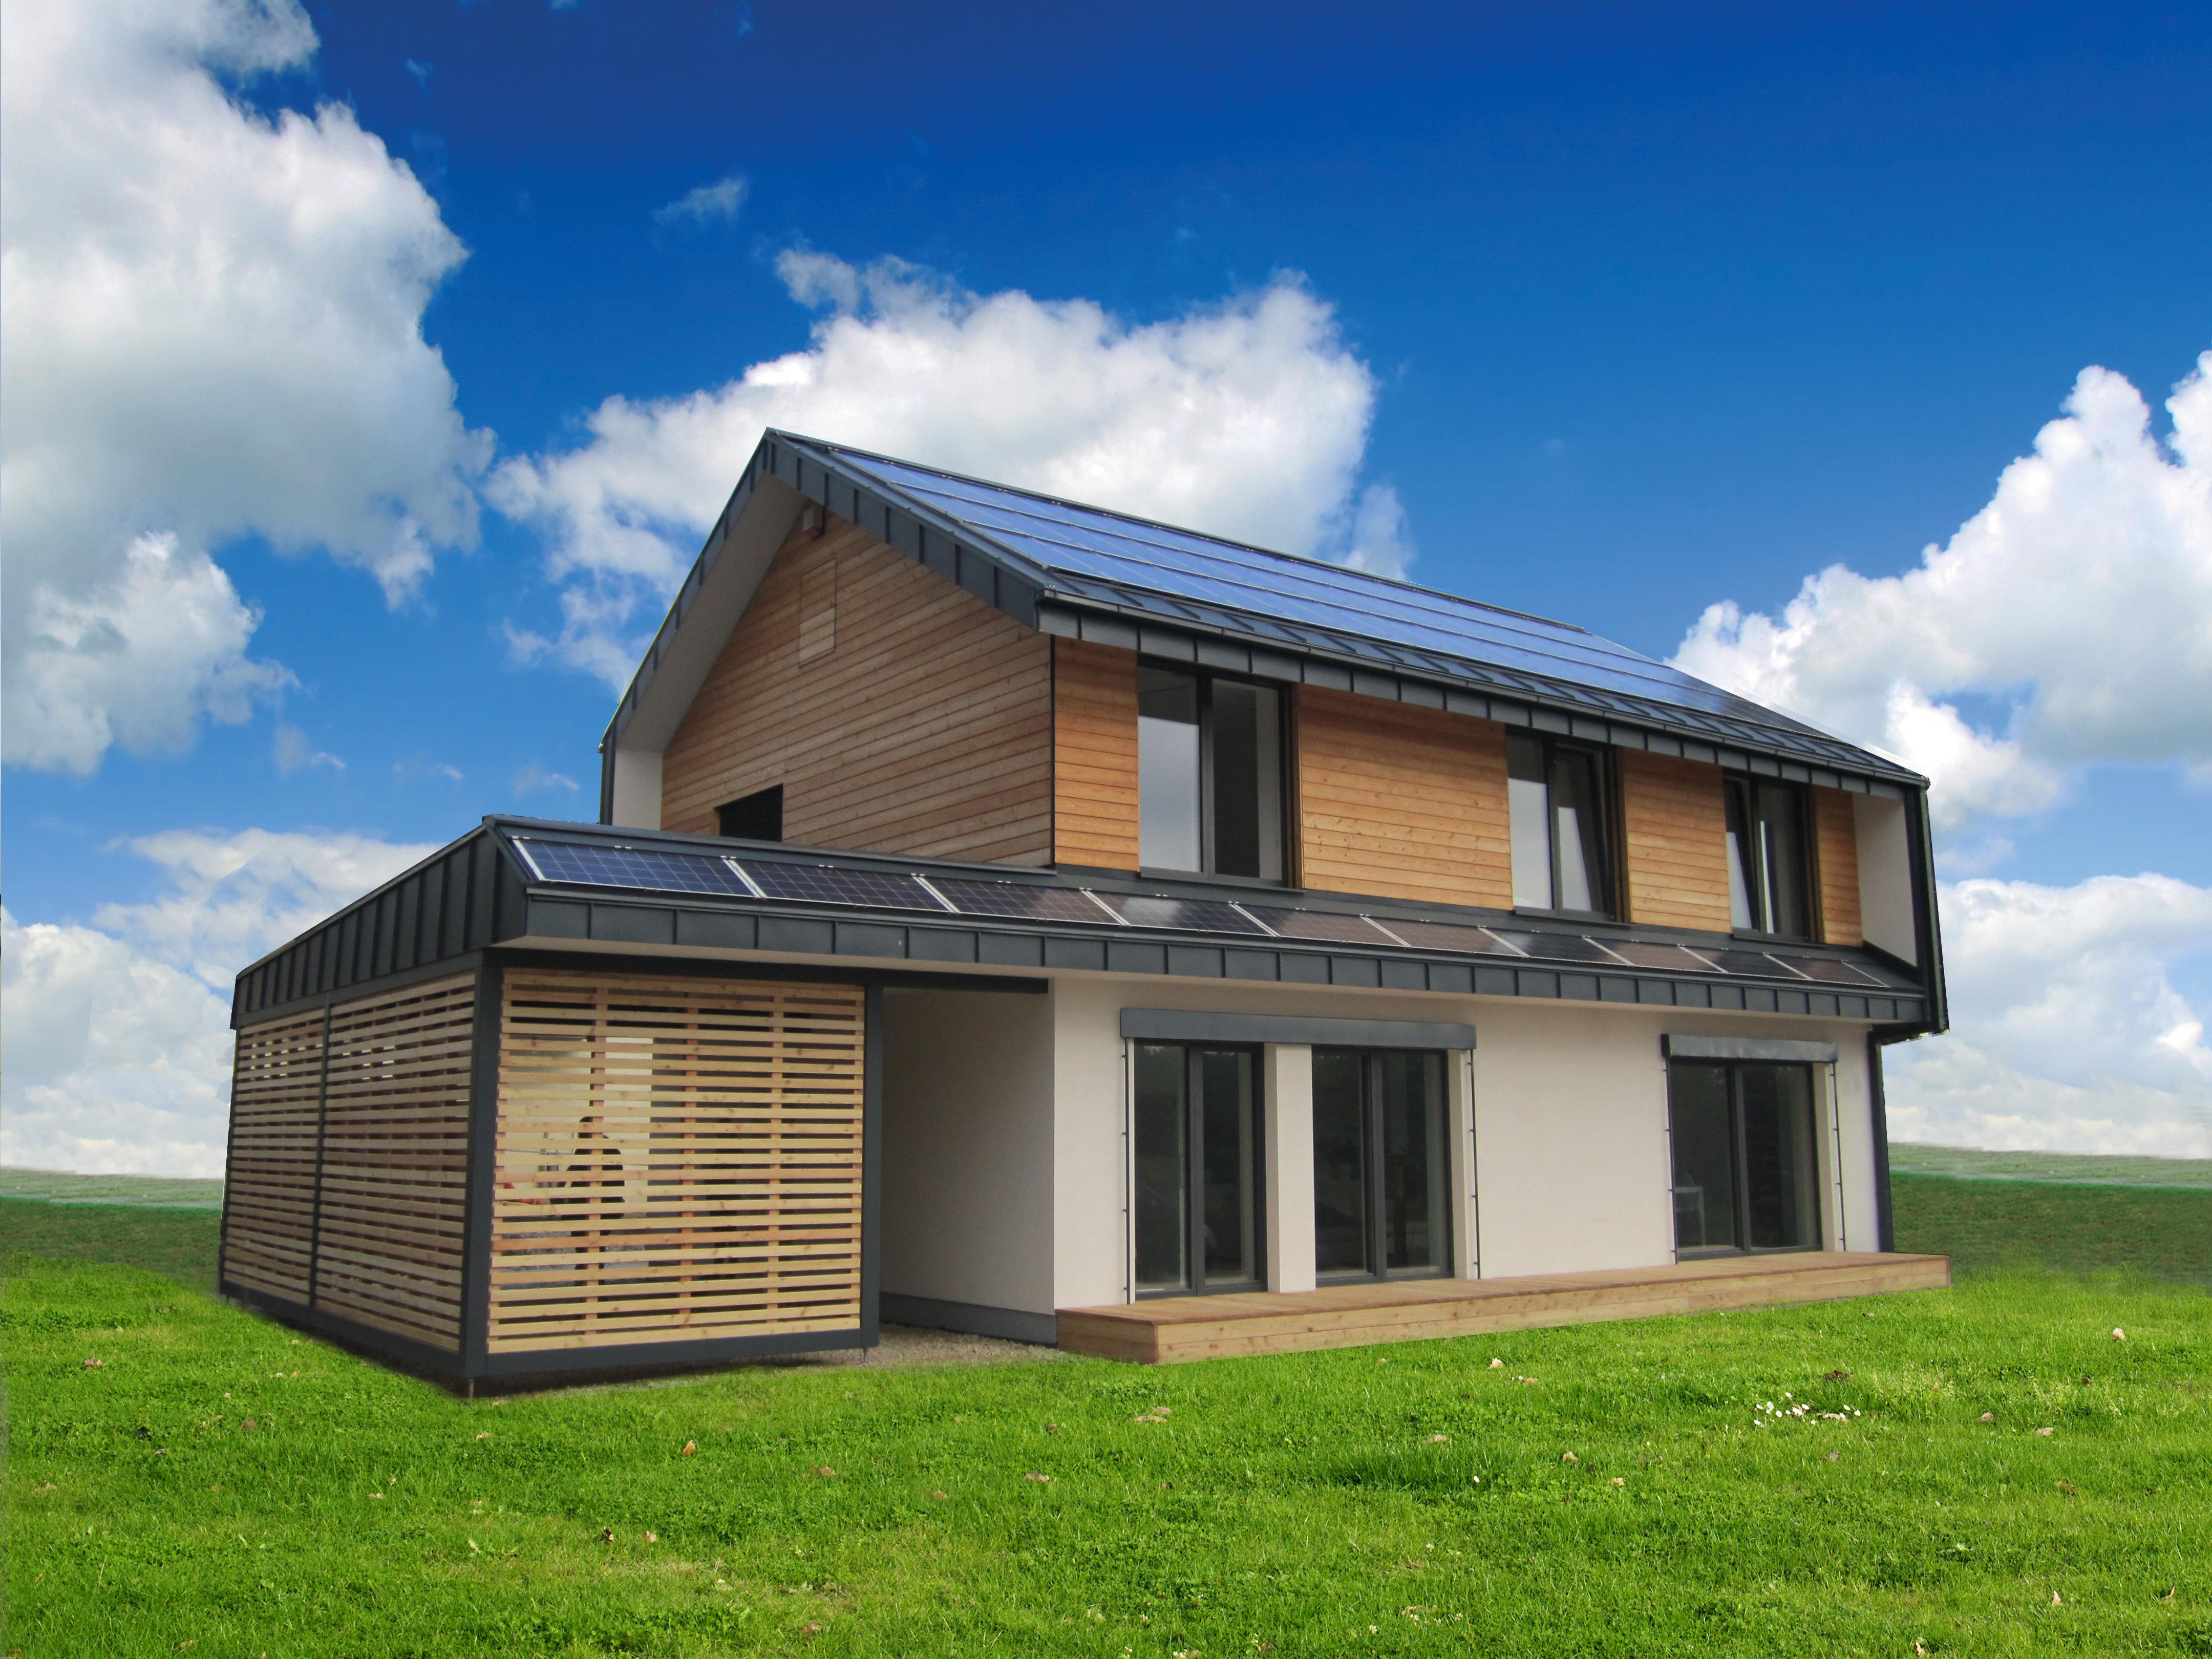 Ampliare la casa con un prefabbricato in legno for Costi dell appaltatore per la costruzione di una casa